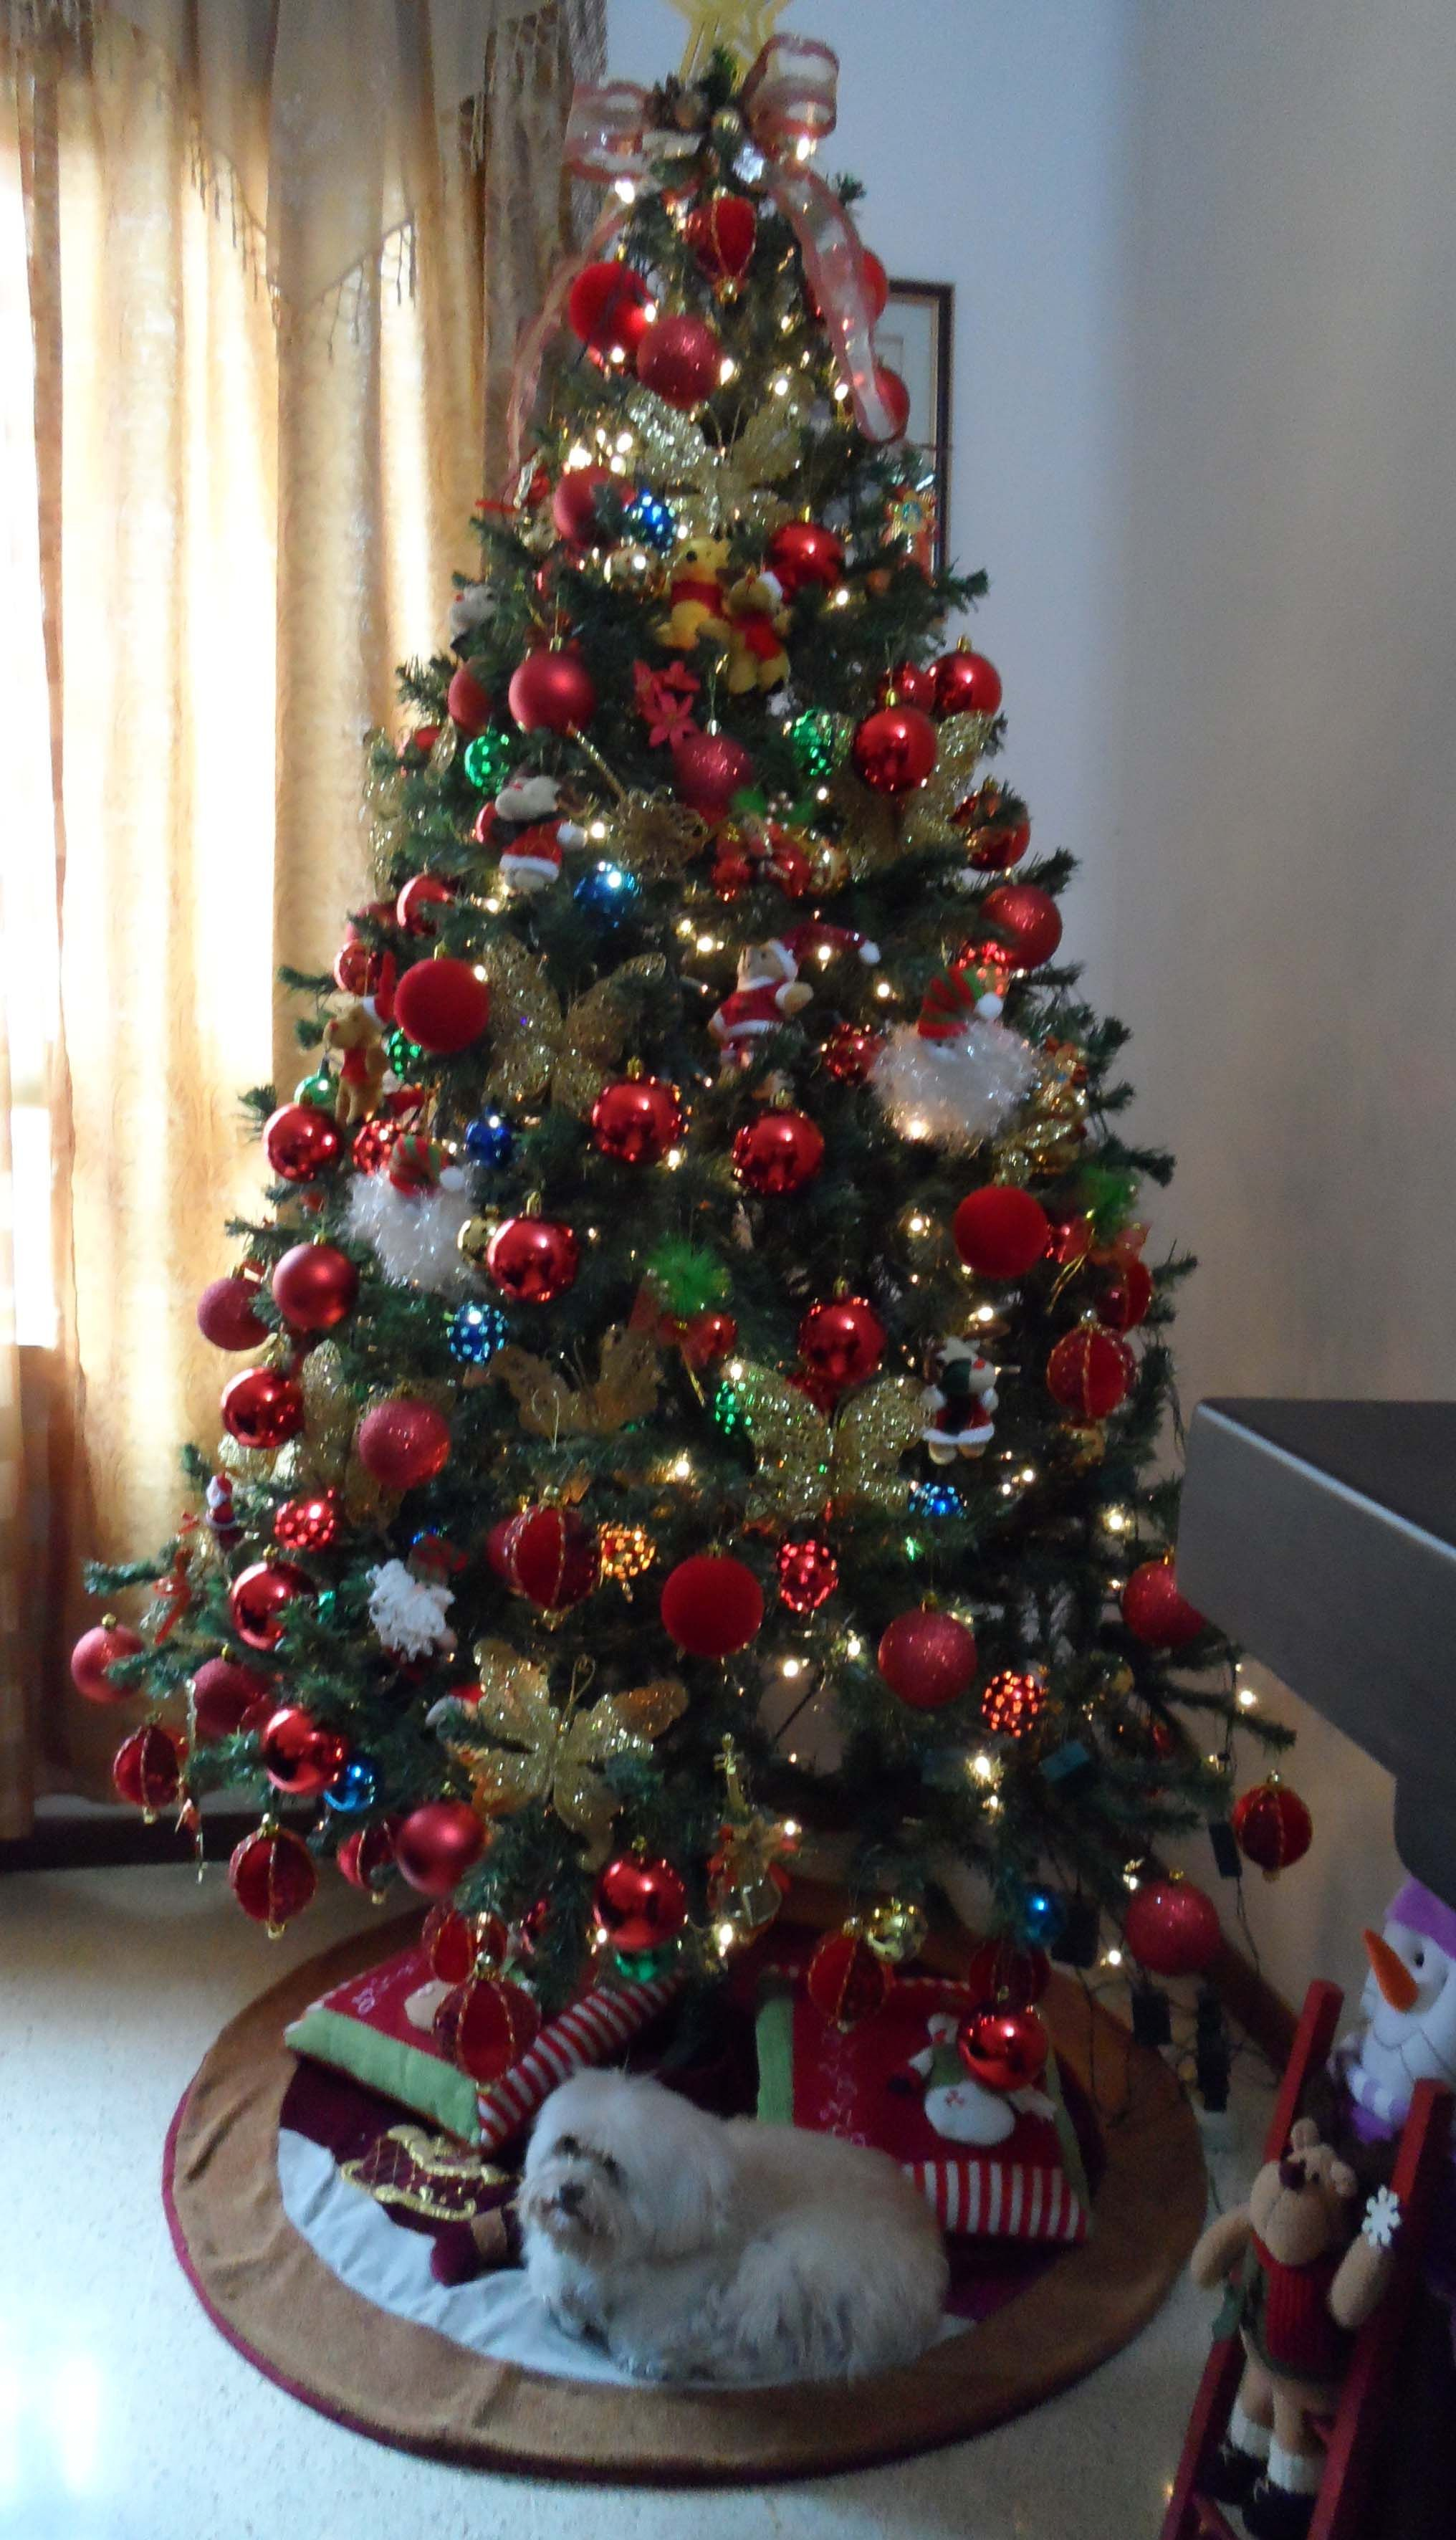 Mi Arbol De Navidad Xmas Decorations Christmas Tree Decorations Christmas Tree